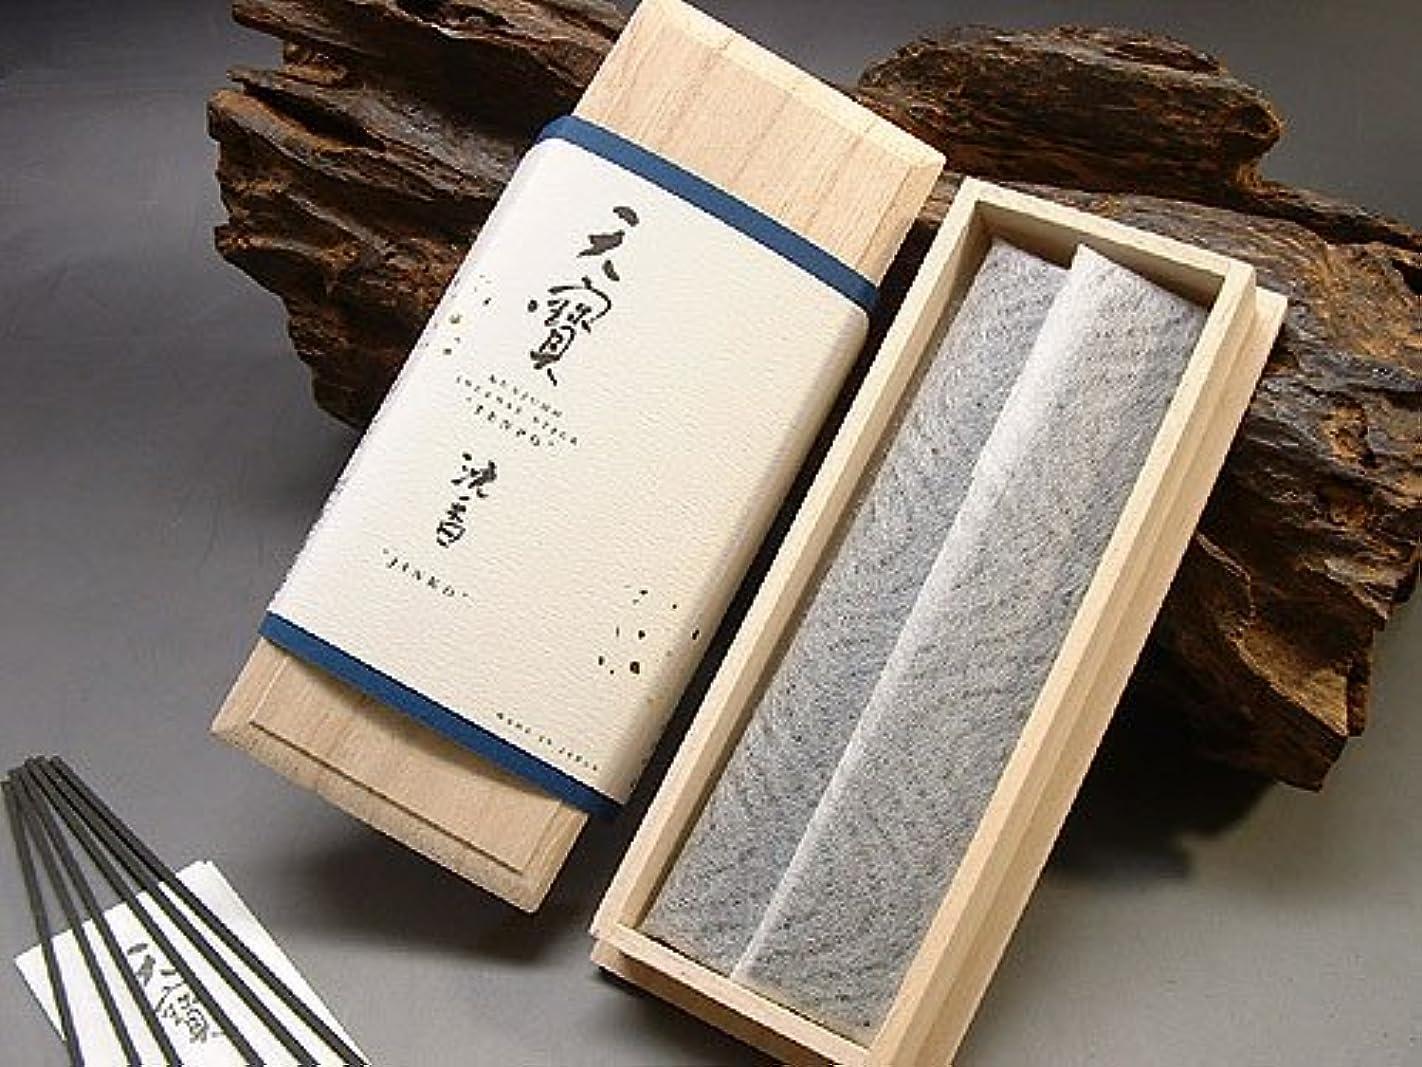 批判的スリーブ煩わしい薫寿堂のお香 天寶 沈香 スティック型